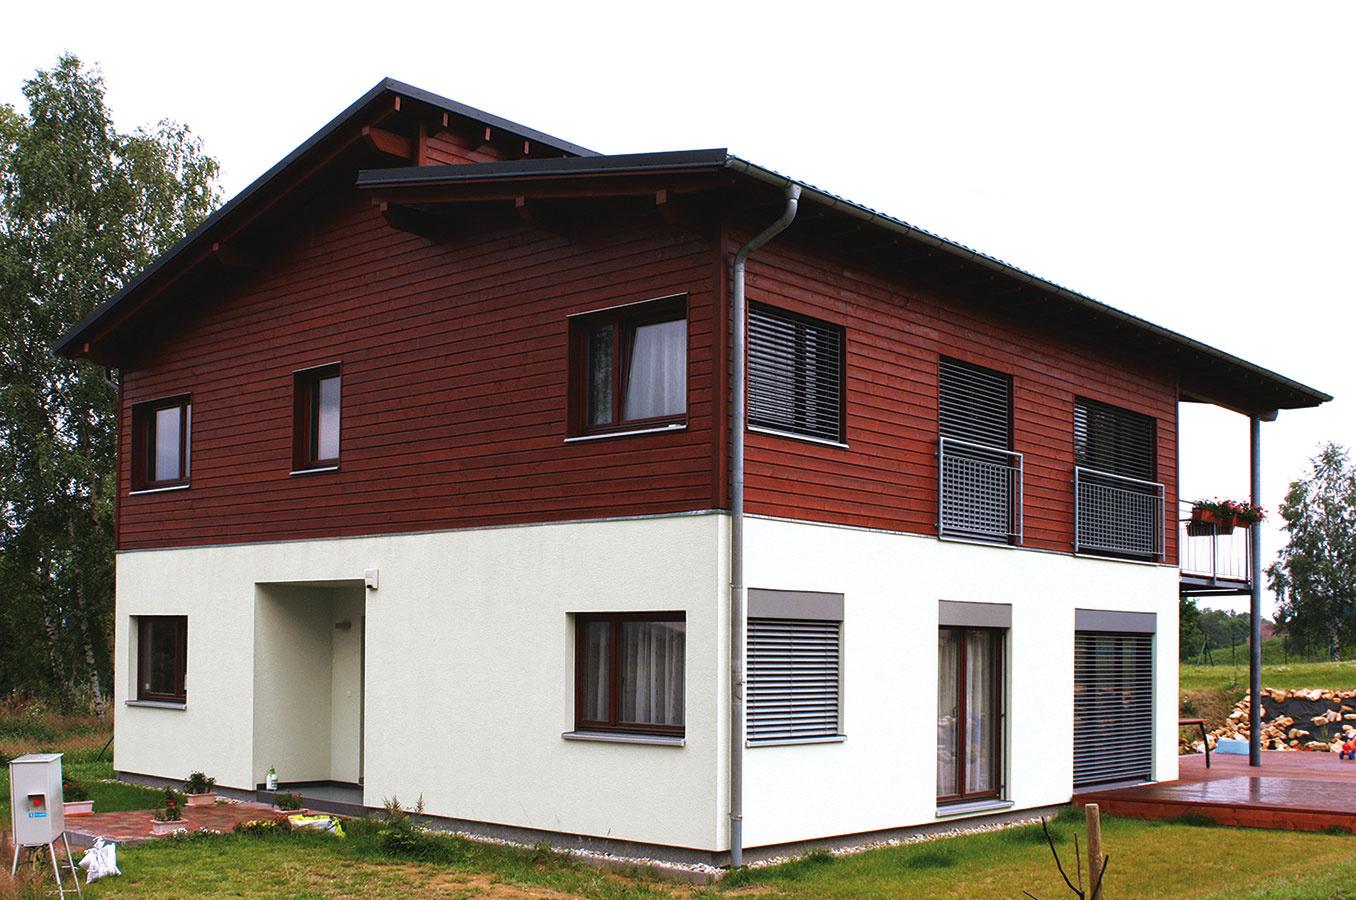 Nízkoenergetický dom vám za 30 rokov môže ušetriť aj 25 000 €.